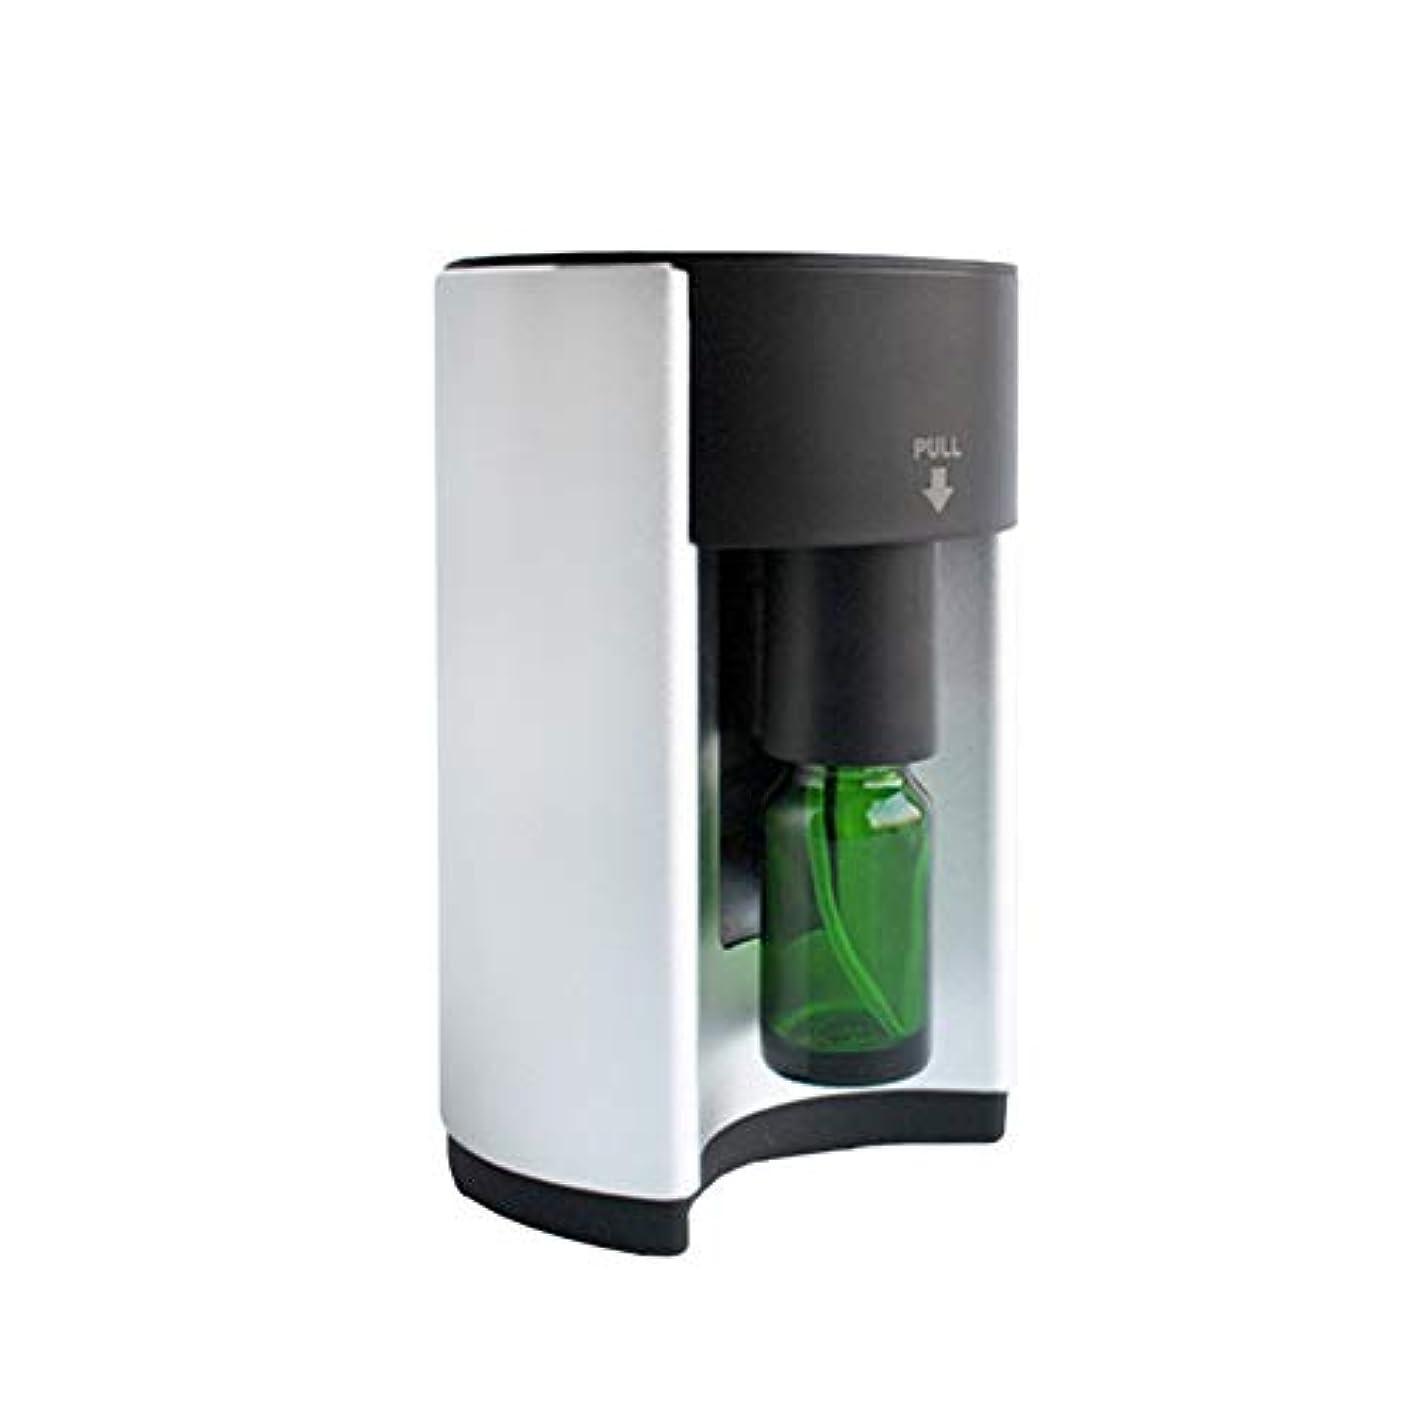 広範囲適用 アロマディフューザー ネブライザー式 シルバー アロマオイル アロマグラス 人気 タイマー機能 コンパクトタイプ エッセンシャルオイル 加湿 うるおい